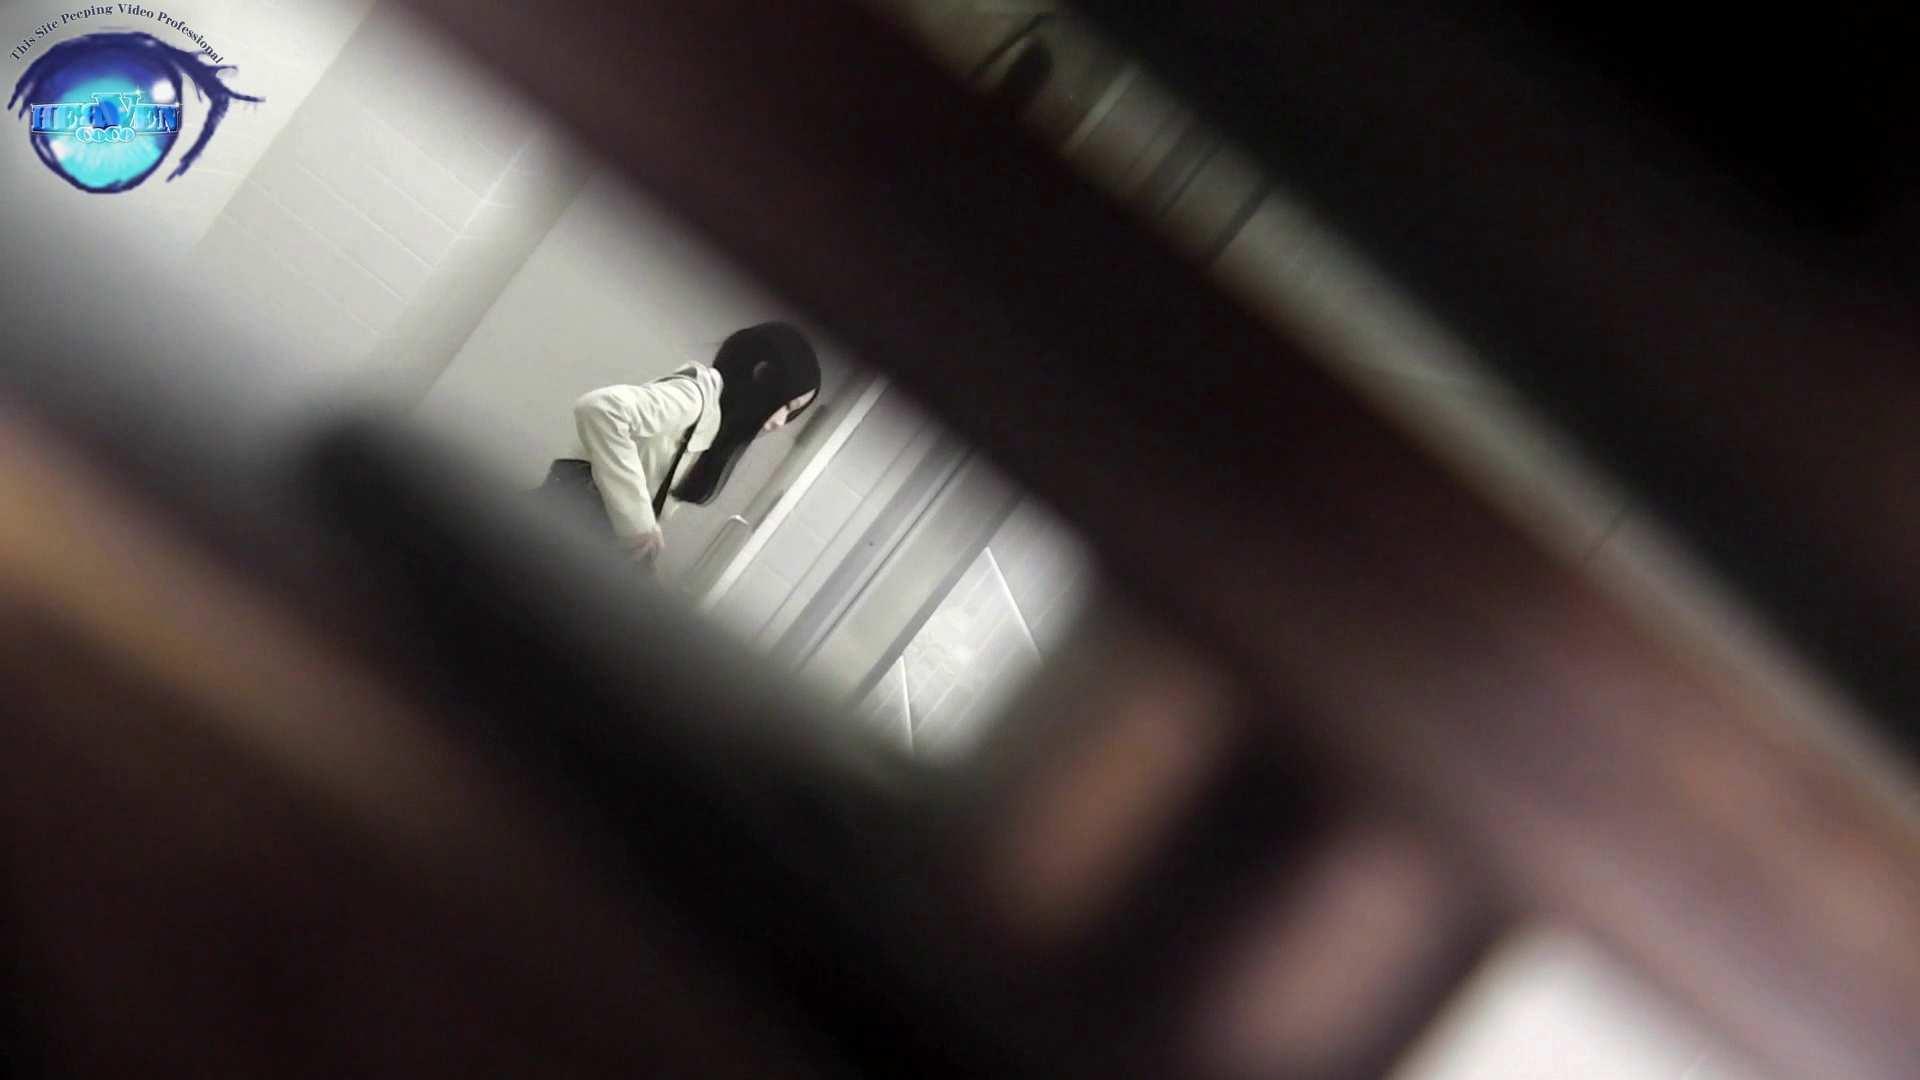 お銀さん vol.59 ピンチ!!「鏡の前で祈る女性」にばれる危機 前編 OLセックス   0  86画像 39